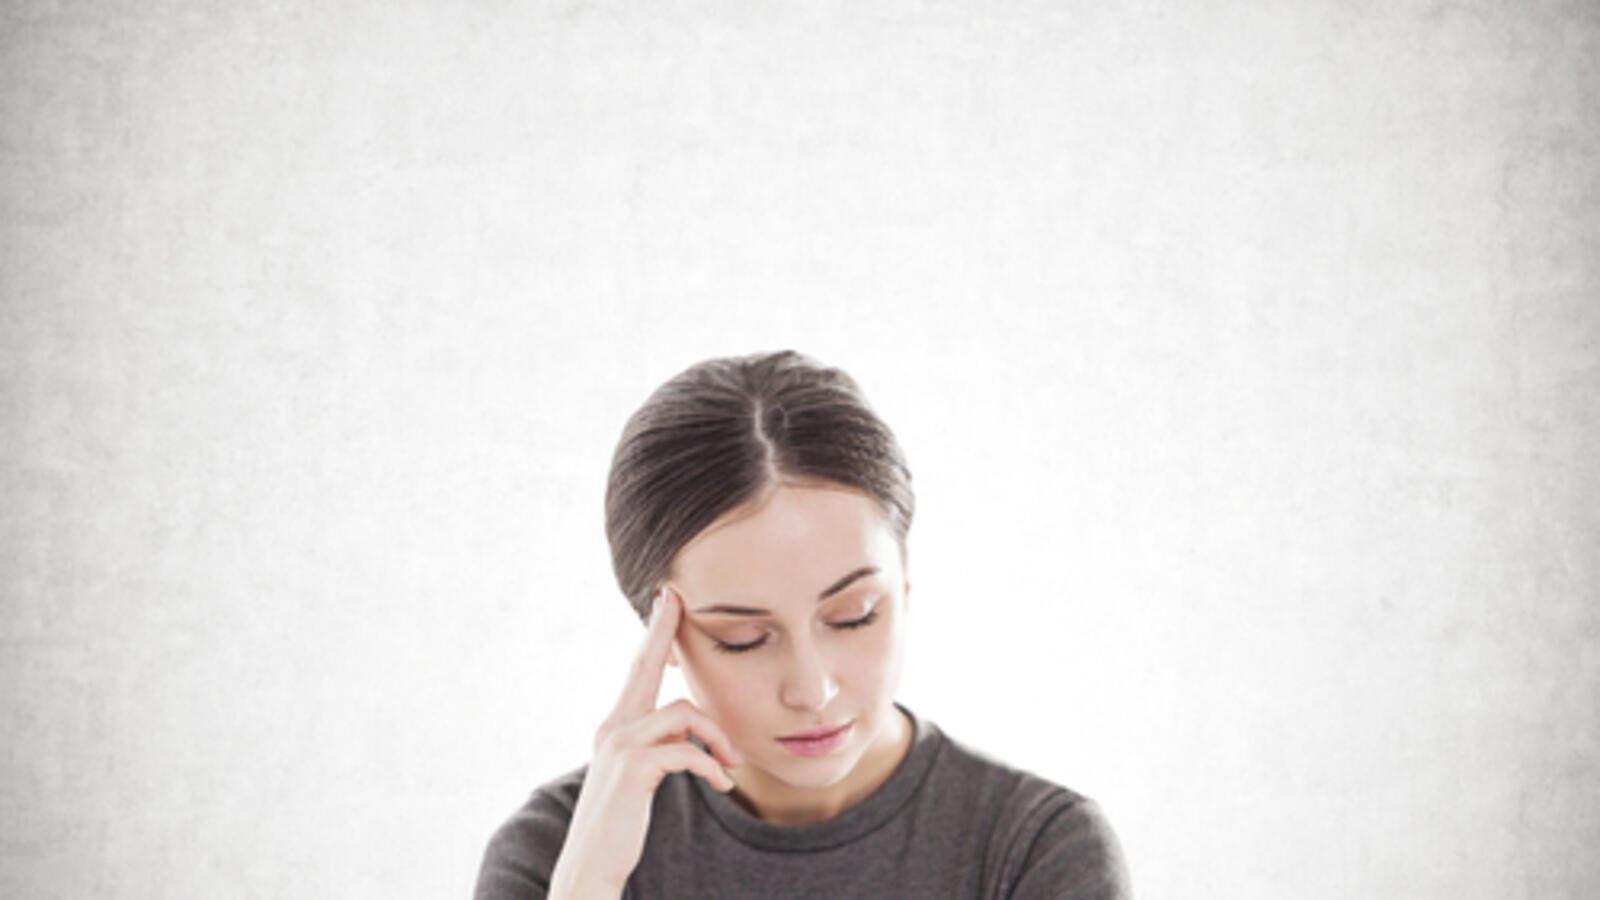 0d82c5232 التشنج المهبلي لدى النساء: الأسباب وطرق العلاج | البوابة